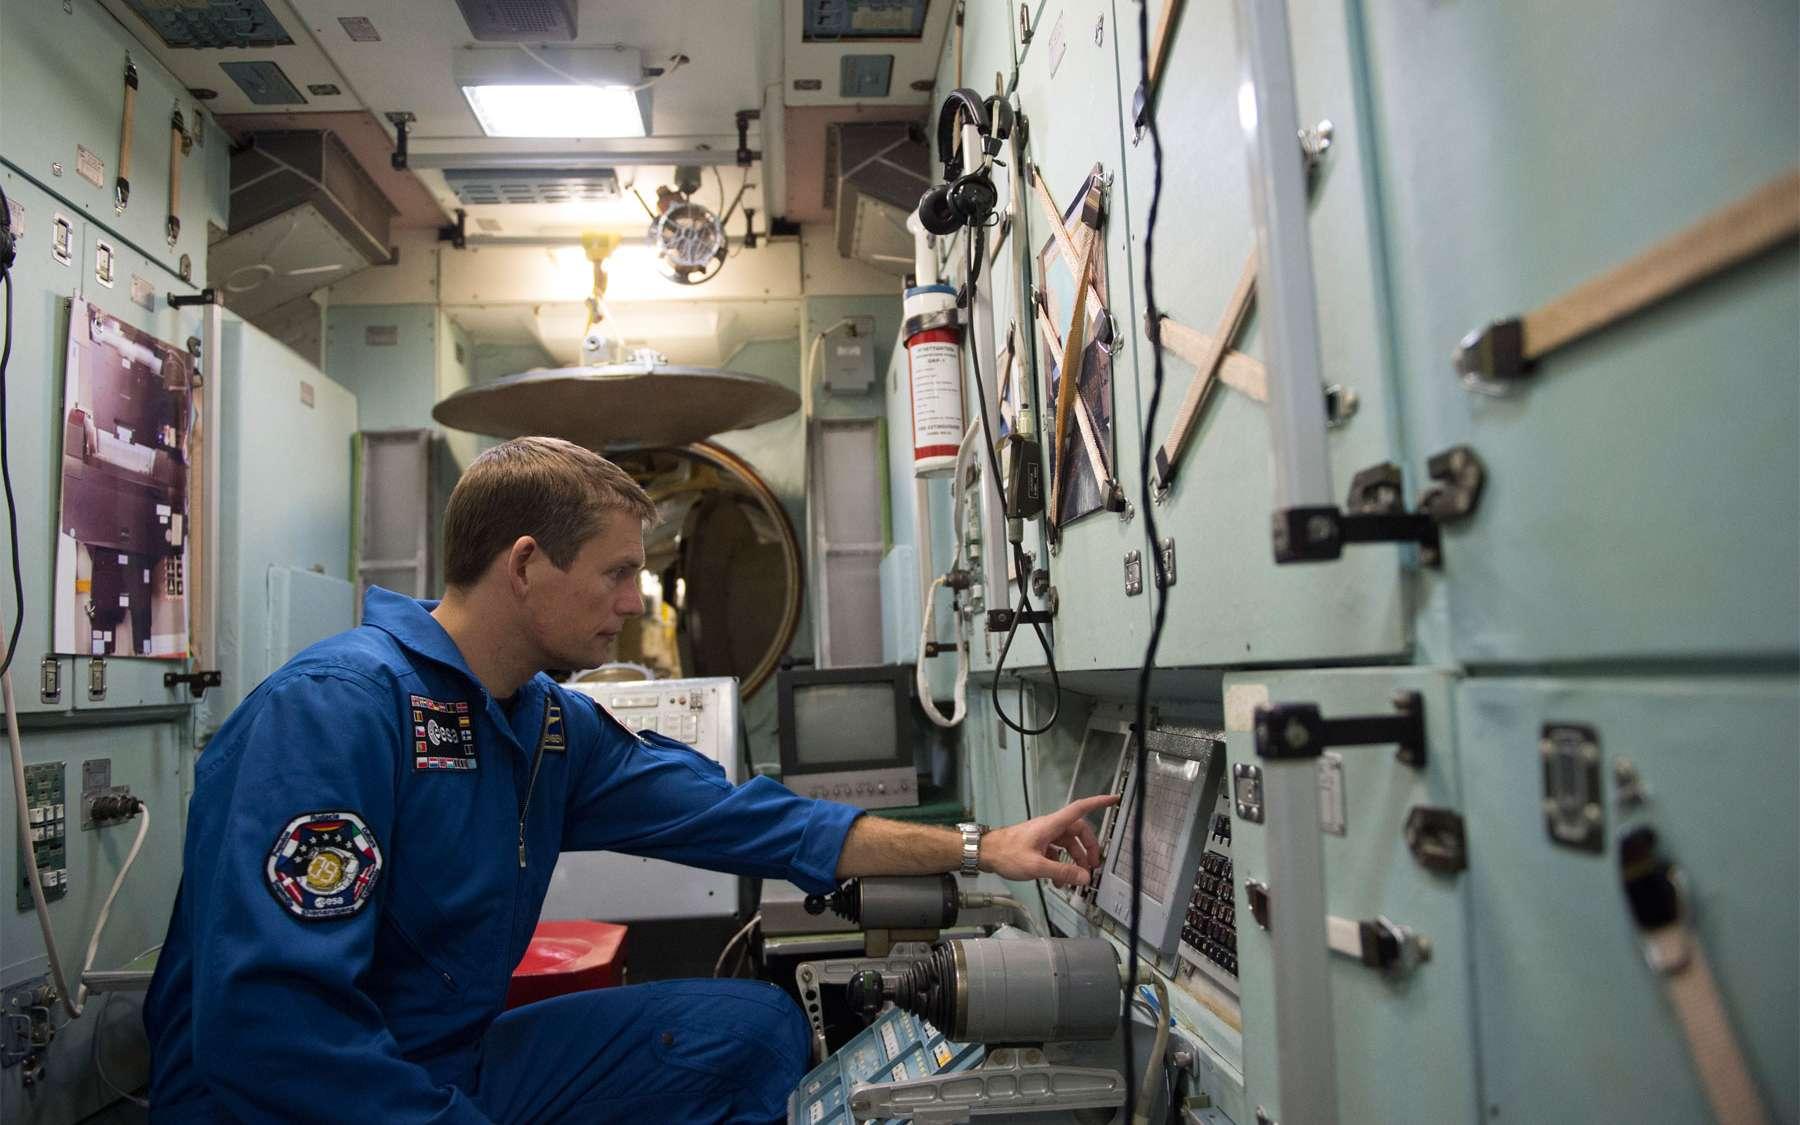 Maintenant à bord de la Station spatiale internationale, le Danois Andreas Mogensen va devoir débuter ses expériences. Il est vu ici s'entraînant au sol. © Esa, S. Corvaja